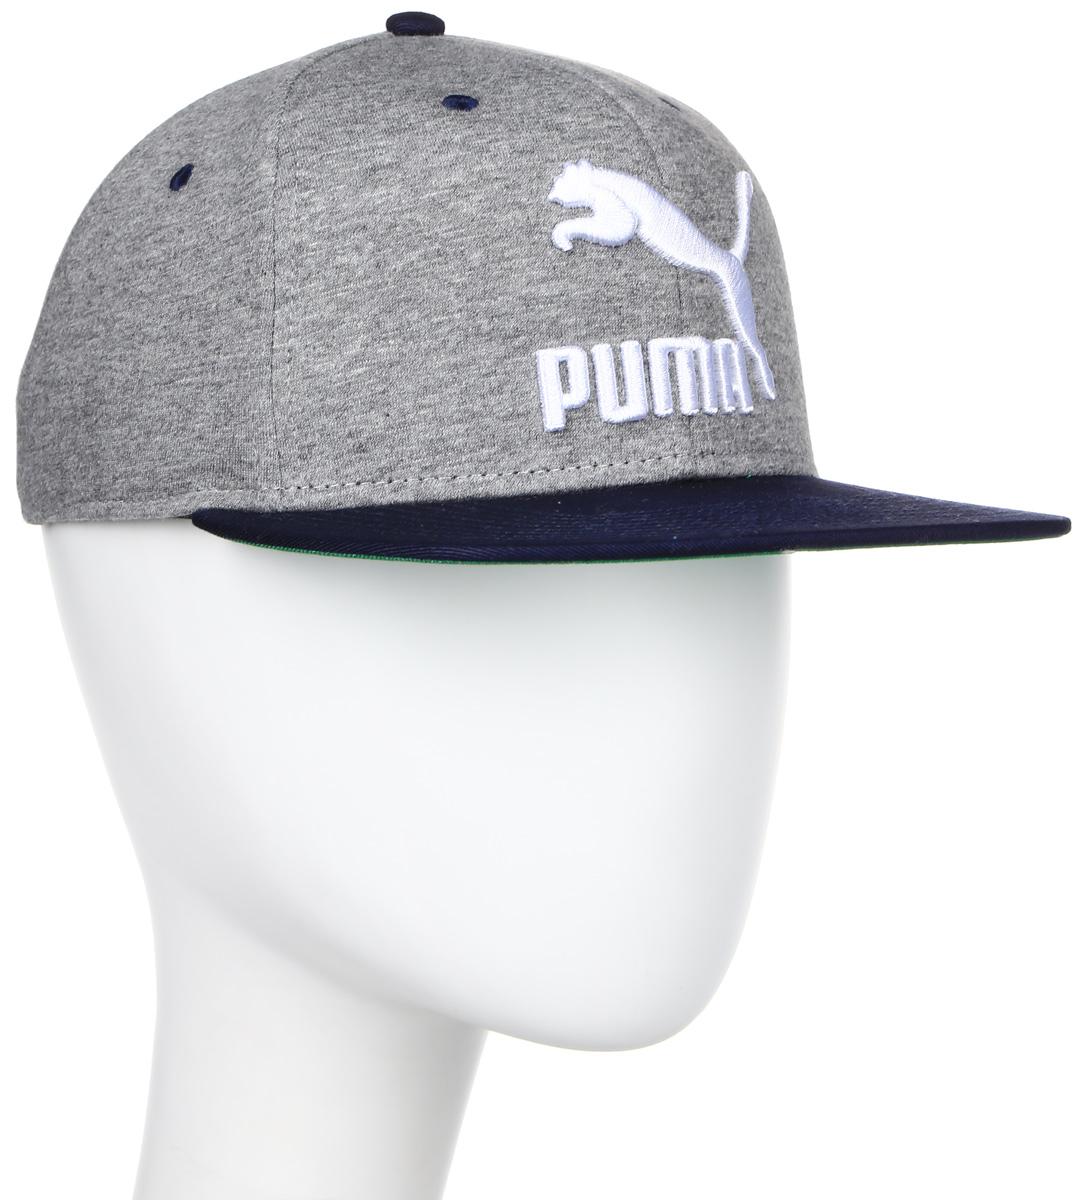 Бейсболка мужская Puma LS ColourBlock SnapBack, цвет: серый. 05294225. Размер универсальный052942_25Стильная бейсболка Puma LS ColourBlock SnapBack идеально подойдет для прогулок, занятий спортом и отдыха.Бейсболка выполнена из 100% хлопка, снабжена впитывающей внутренней отделкой и имеет плотный плоский козырек. Модель дополнена специальными отверстиями, обеспечивающими необходимую вентиляцию. Бейсболка на фронтальной части декорирована вышитым объемным логотипом PUMA, а застежка сзади имеет тканый ярлык с символикой PUMA. Объем бейсболки регулируется при помощи пластиковой застежки на кнопках. Такая бейсболка станет отличным аксессуаром и дополнит ваш повседневный образ.